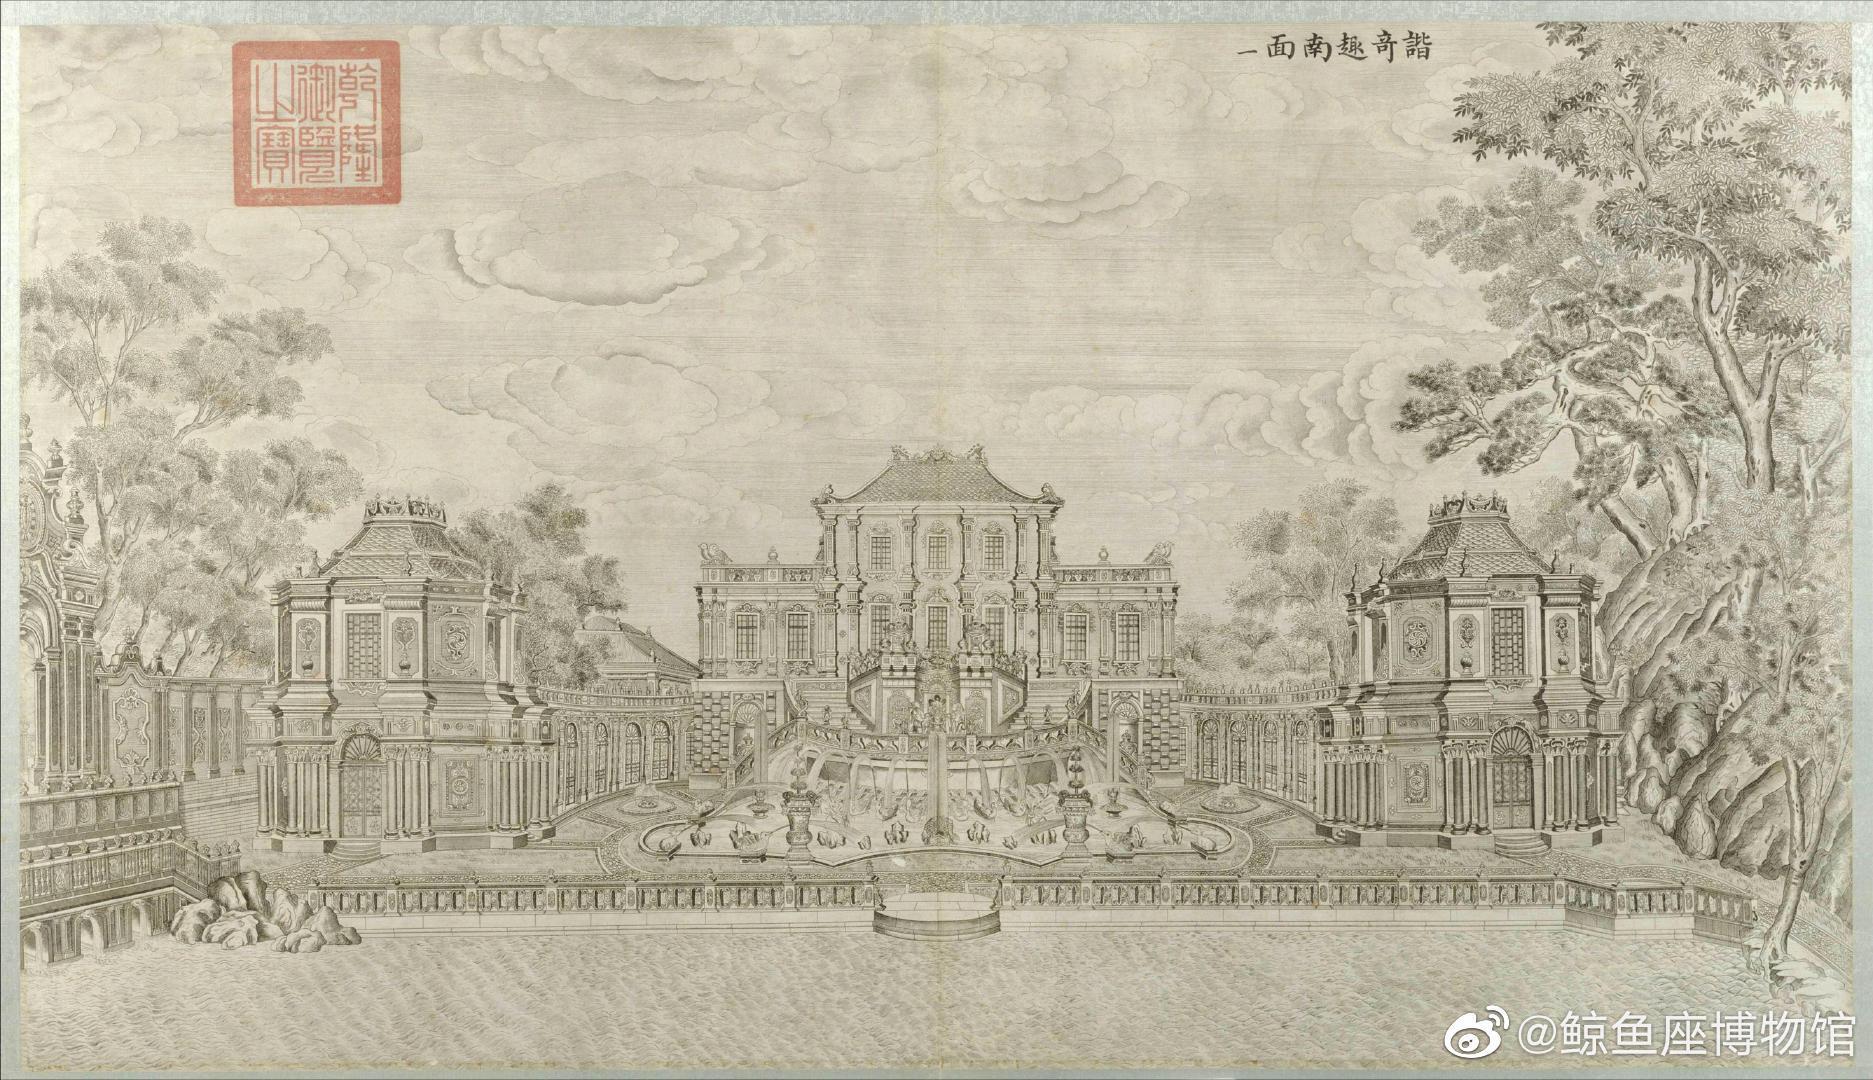 郎世宁 | 圆明园铜版画 对于这个历史特定时期的产物来说……